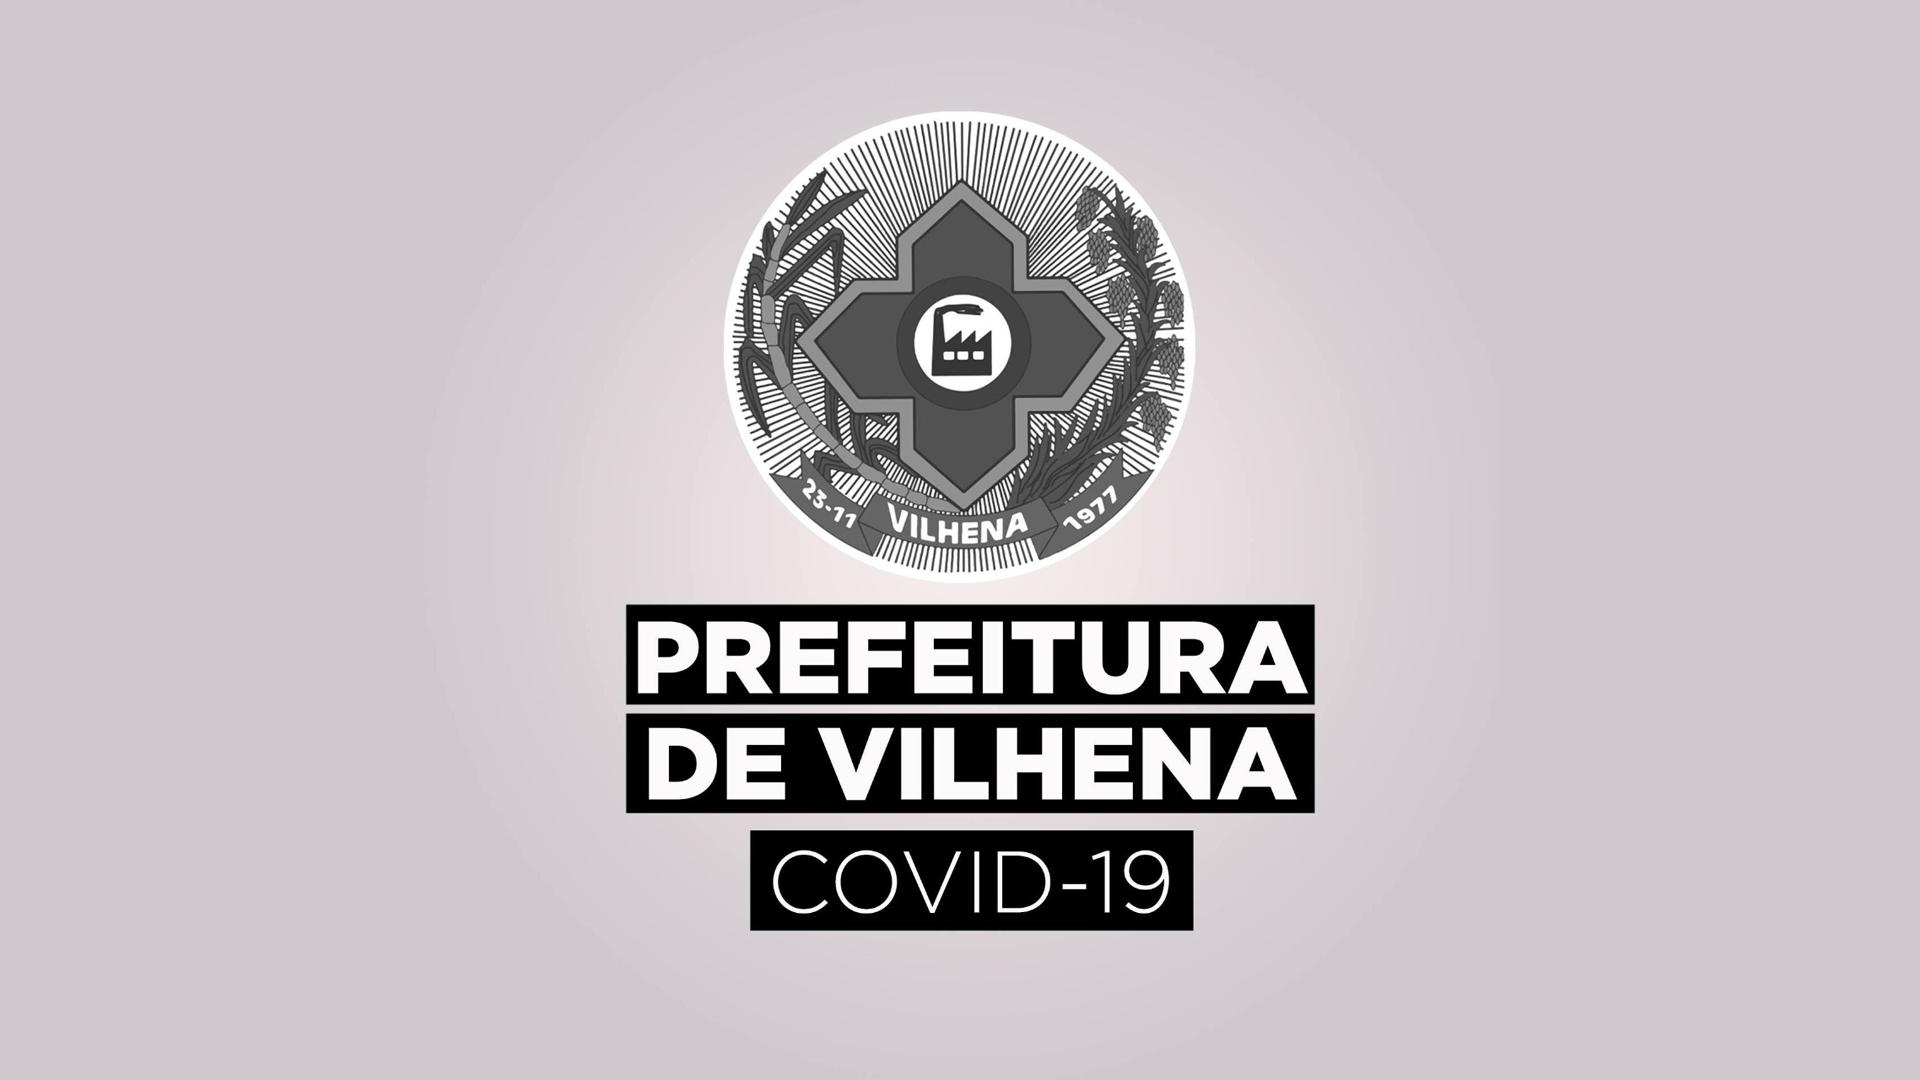 BOLETIM PMV Nº 450 - 08/06/21 CORONAVÍRUS (COVID-19)